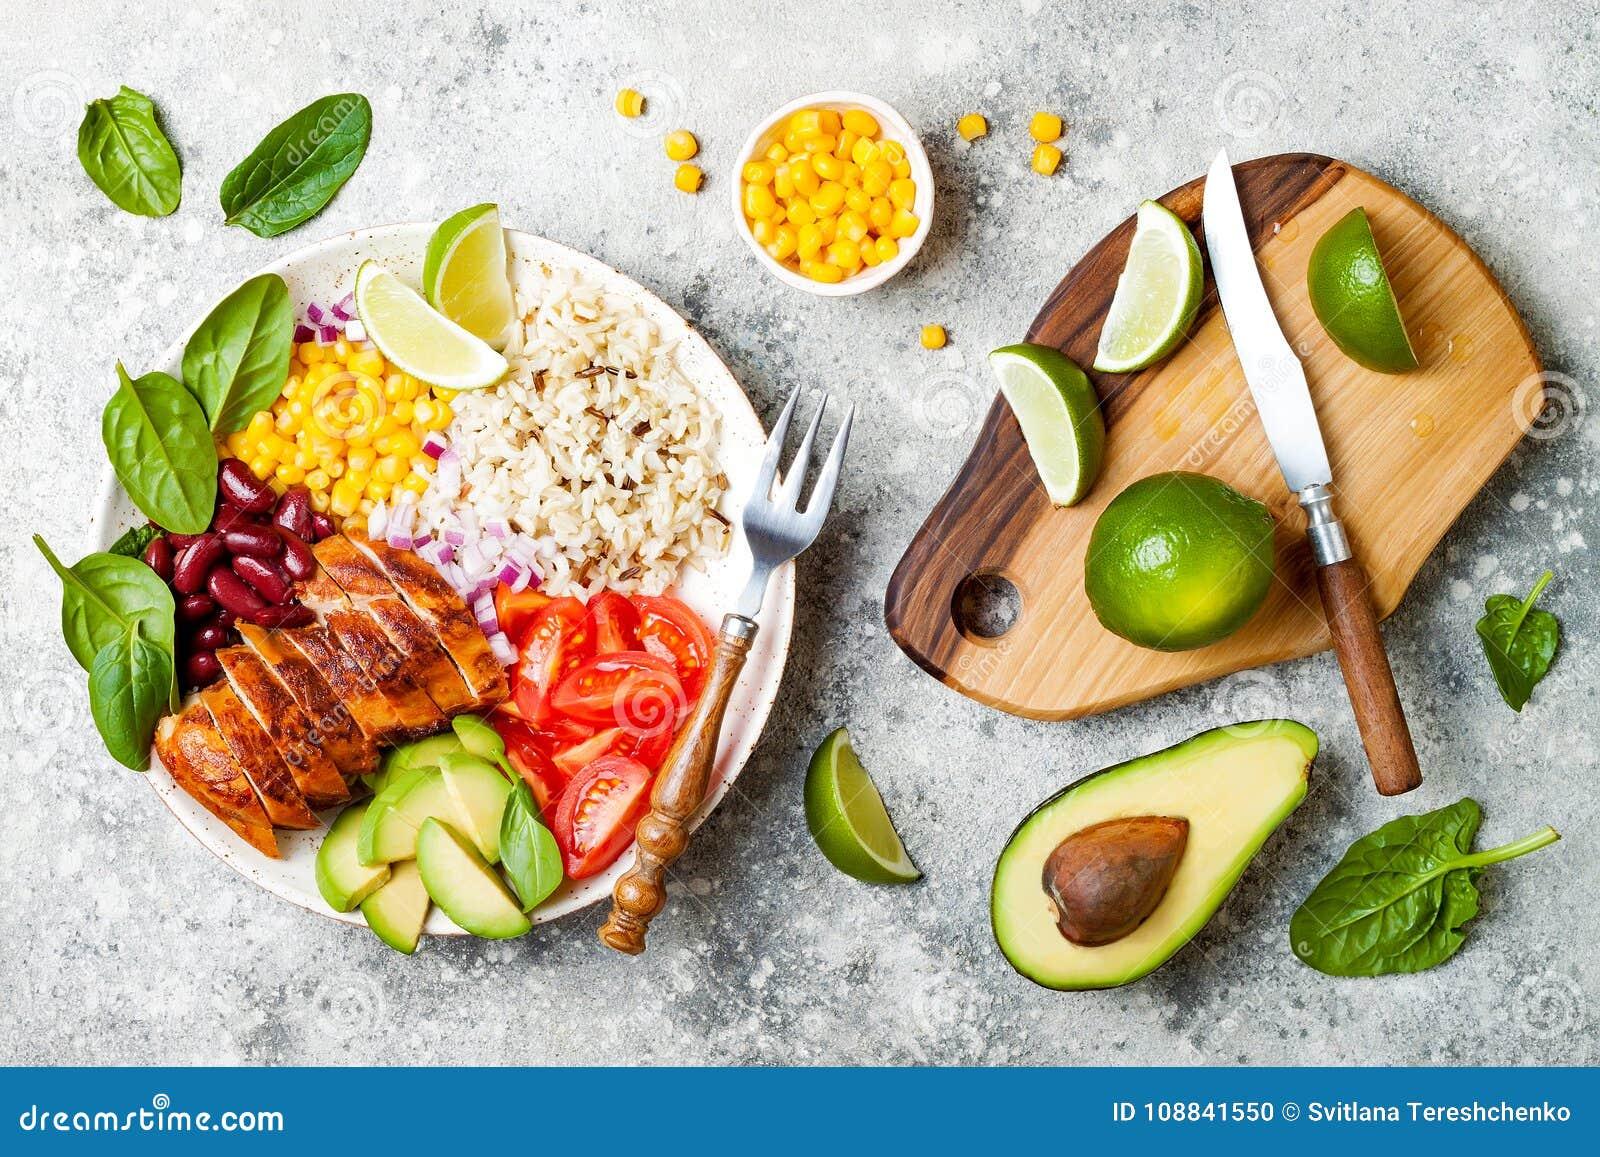 Ciotola messicana casalinga del burrito del pollo con riso, fagioli, cereale, pomodoro, avocado, spinaci Ciotola del pranzo dell